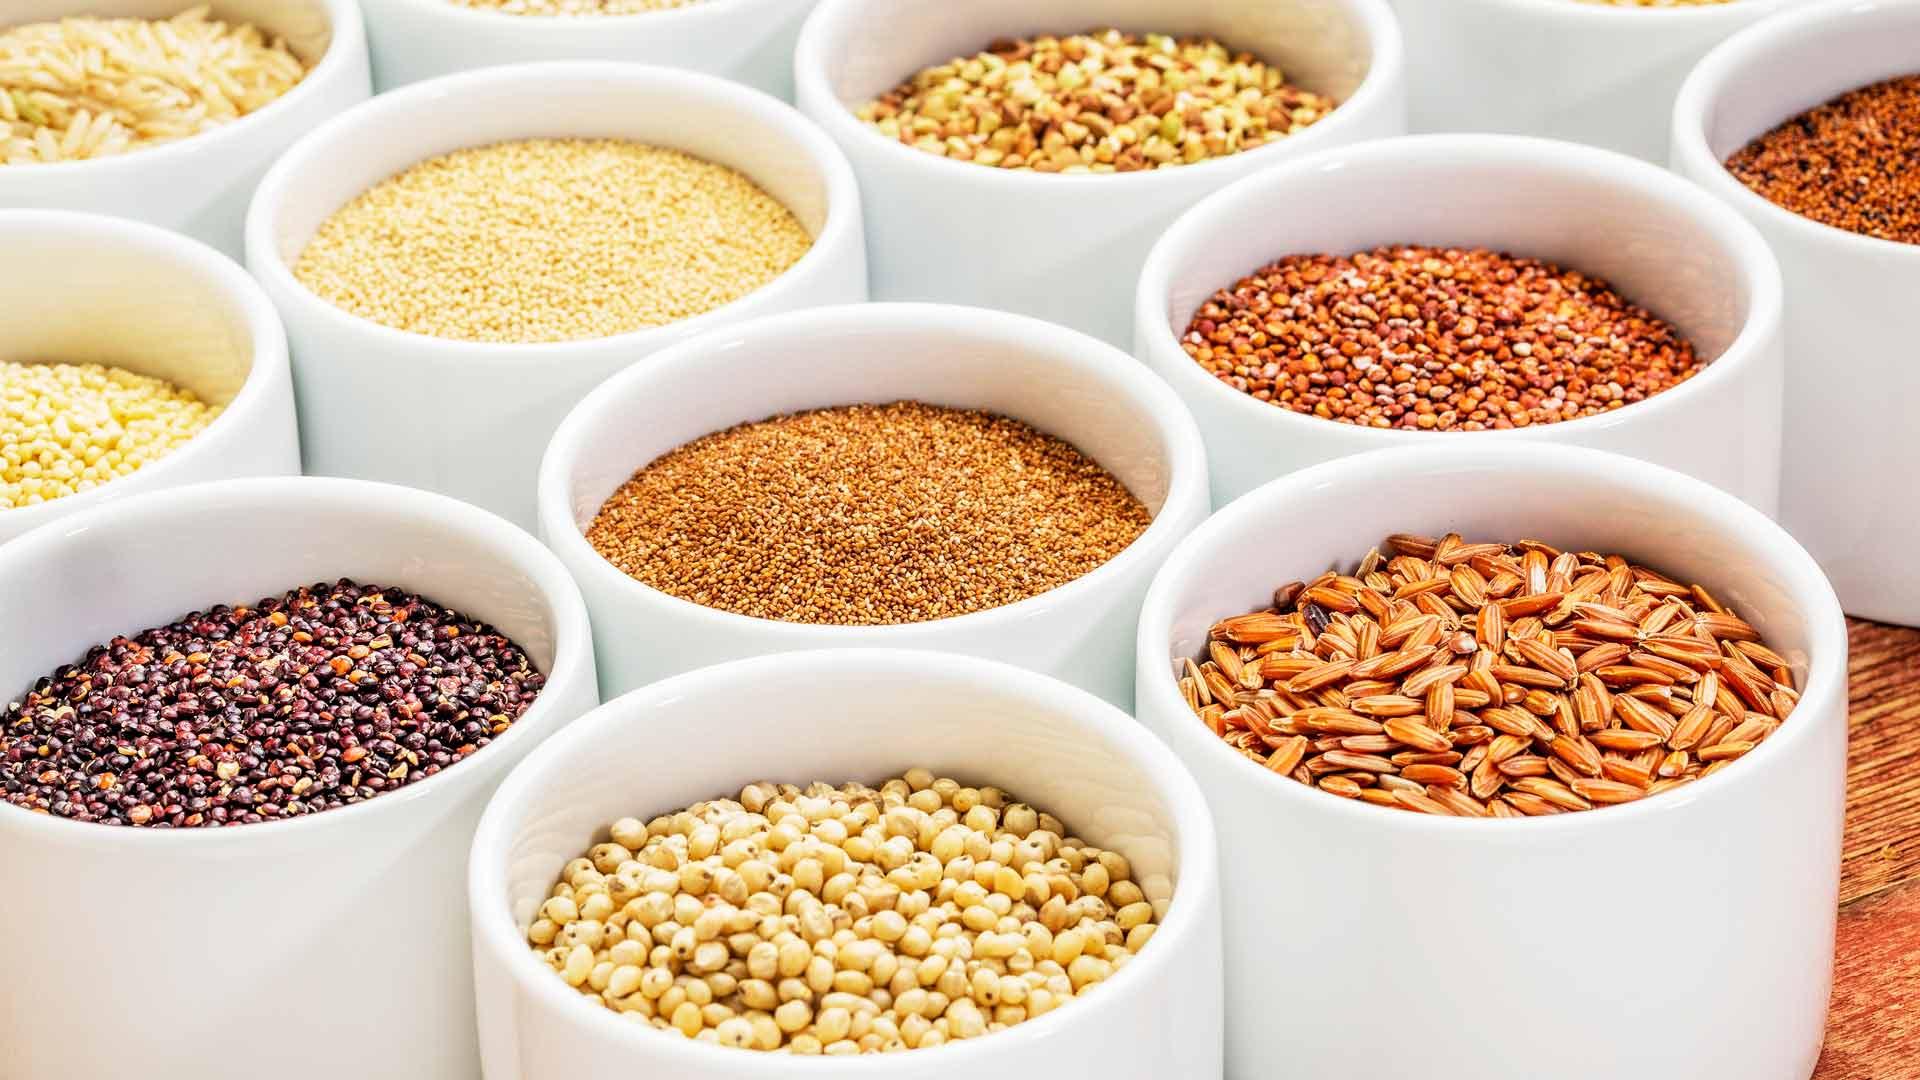 Hyvien bakteerien ruokaa ovat muun muassa viljakuidut, marjat, kasvikset ja hedelmät.